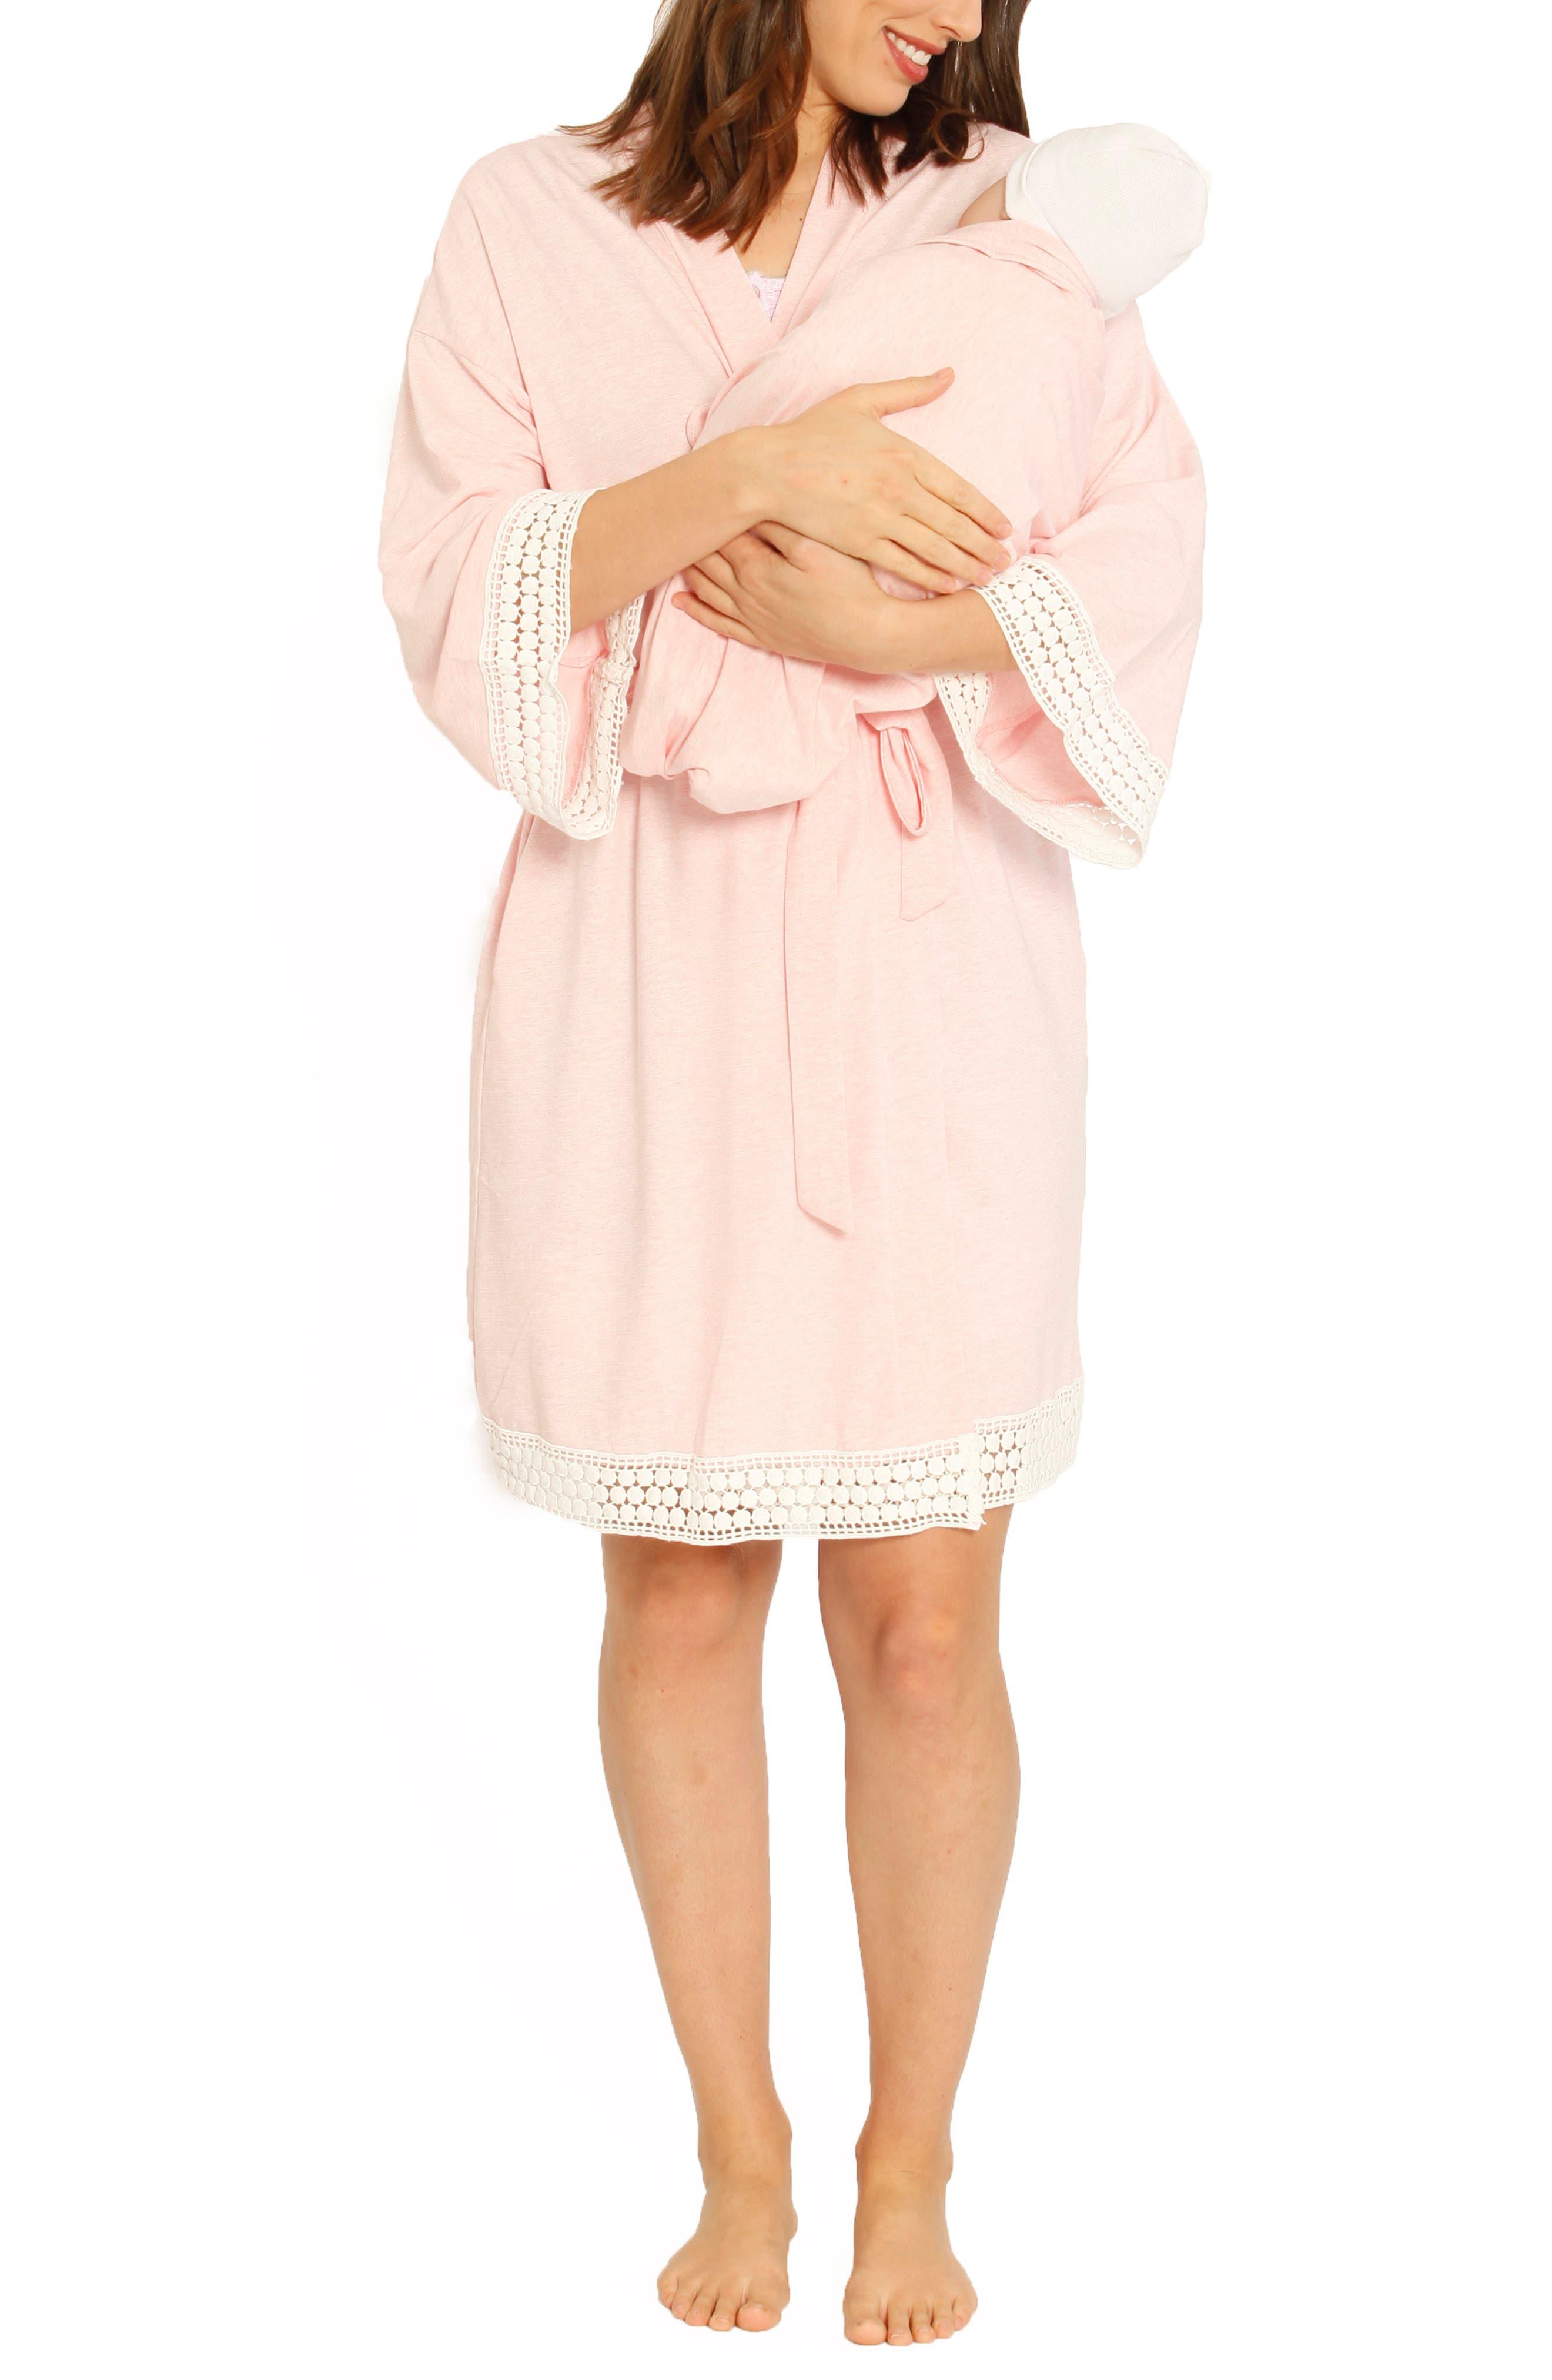 Angel Maternity Ruby Joy Maternity/nursing Sleep Shirt, Robe & Baby Blanket Pouch Set, Pink